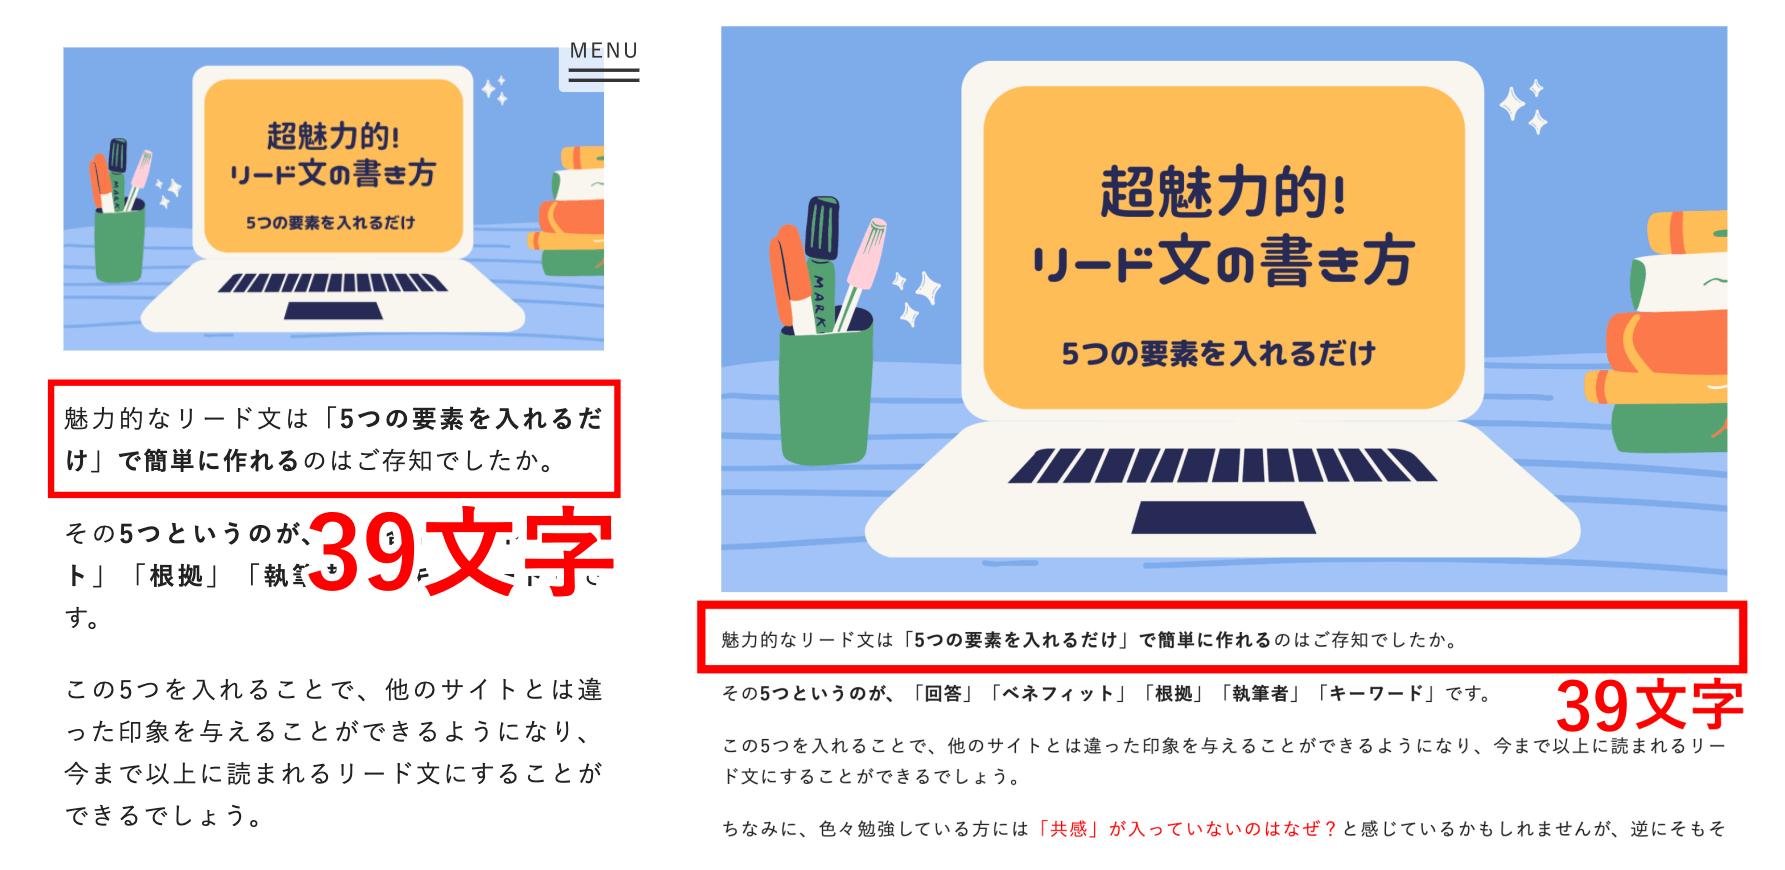 スマホ画面とPC画面時のテキスト表示イメージ